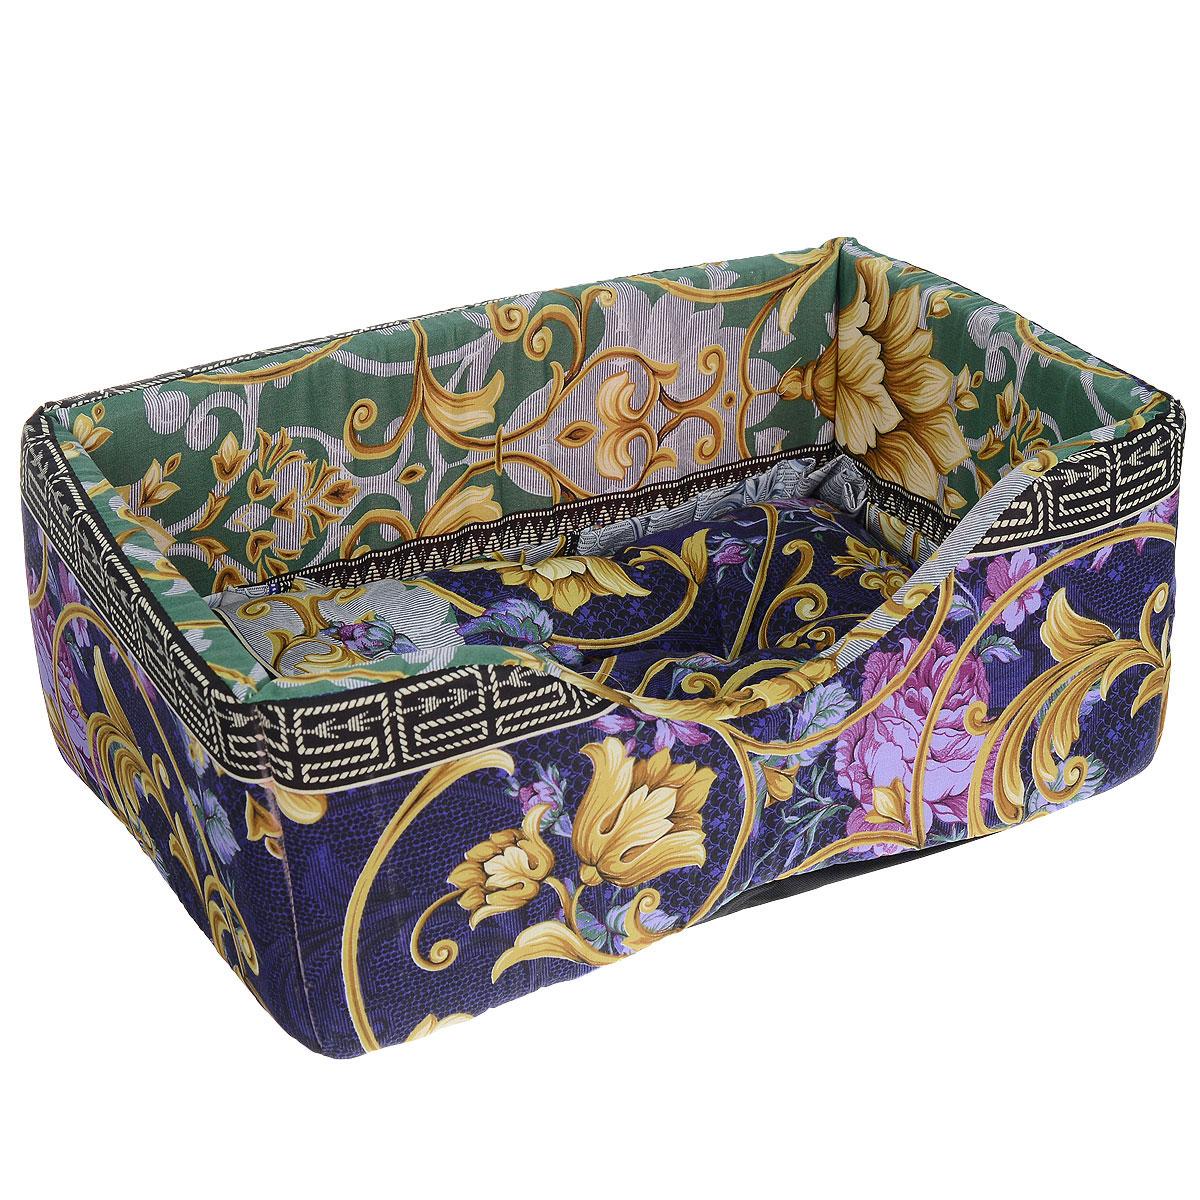 """Лежак для собак и кошек """"Гамма"""", цвет: зеленый, темно-фиолетовый, желтый, 52 см х 36 см х 24 см"""